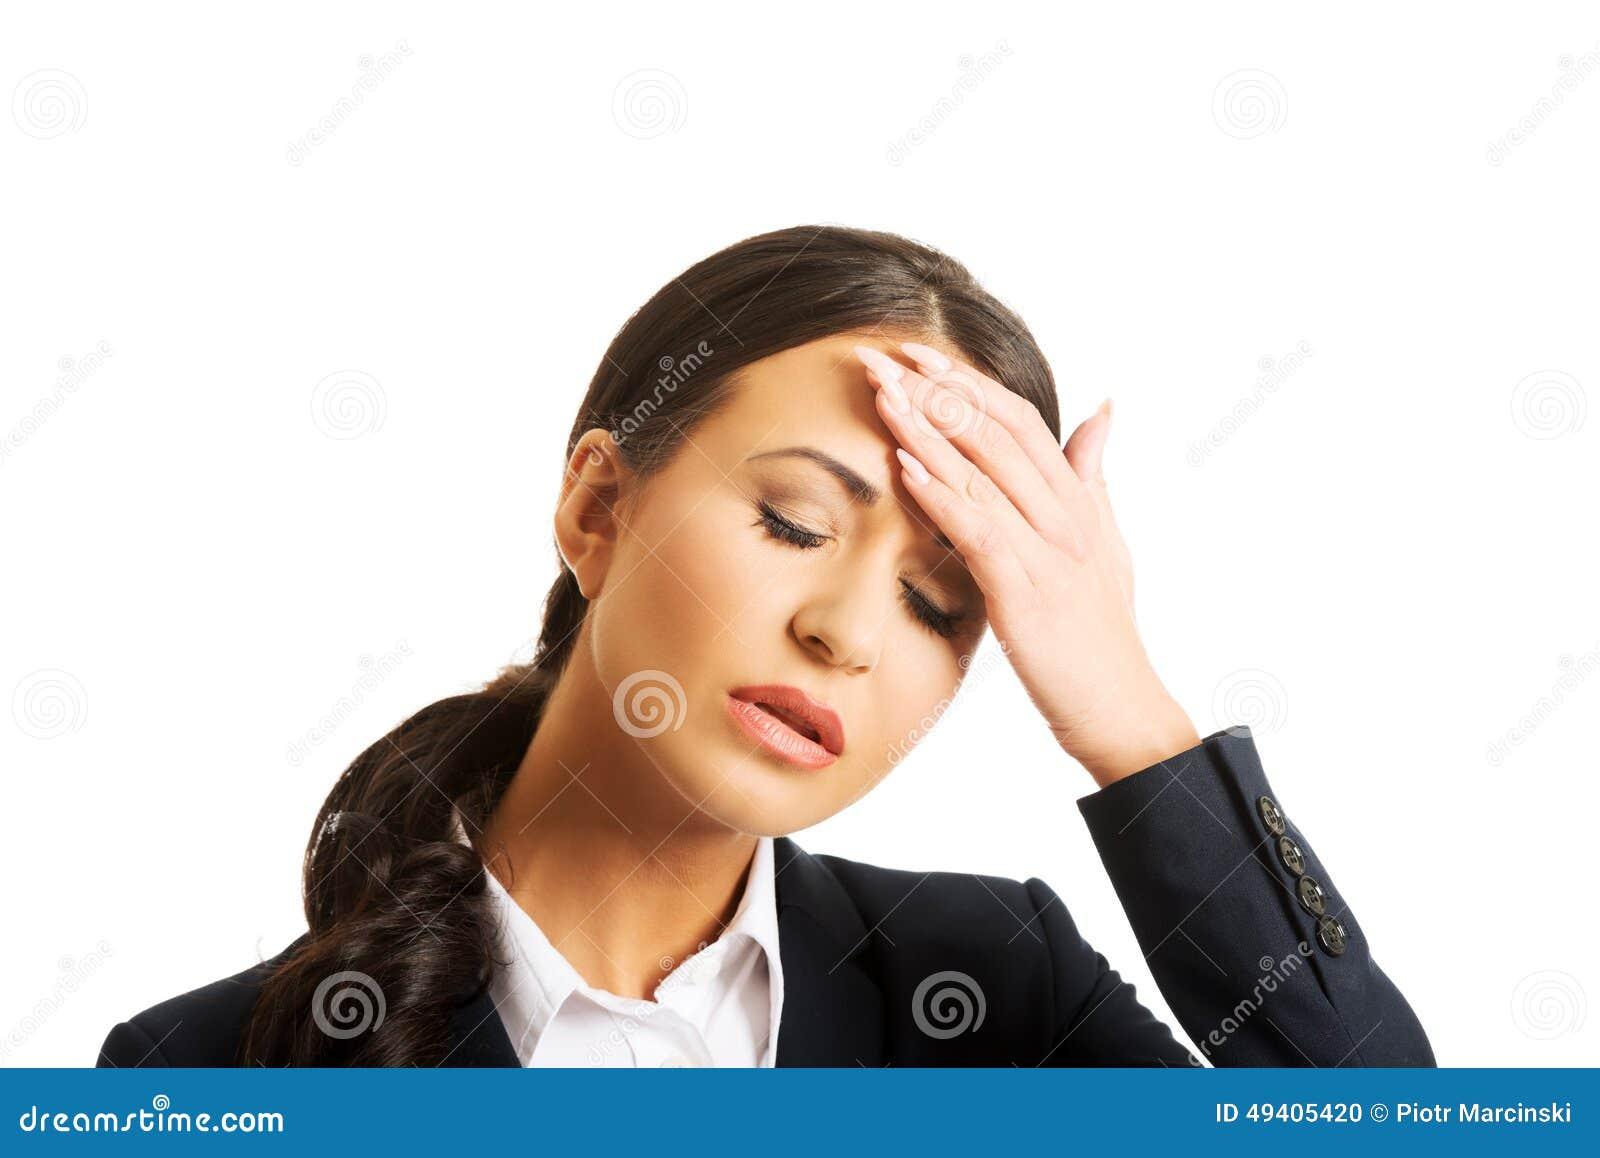 Download Porträt Der Geschäftsfrau, Die Enorme Kopfschmerzen Hat Stockfoto - Bild von dame, kopf: 49405420